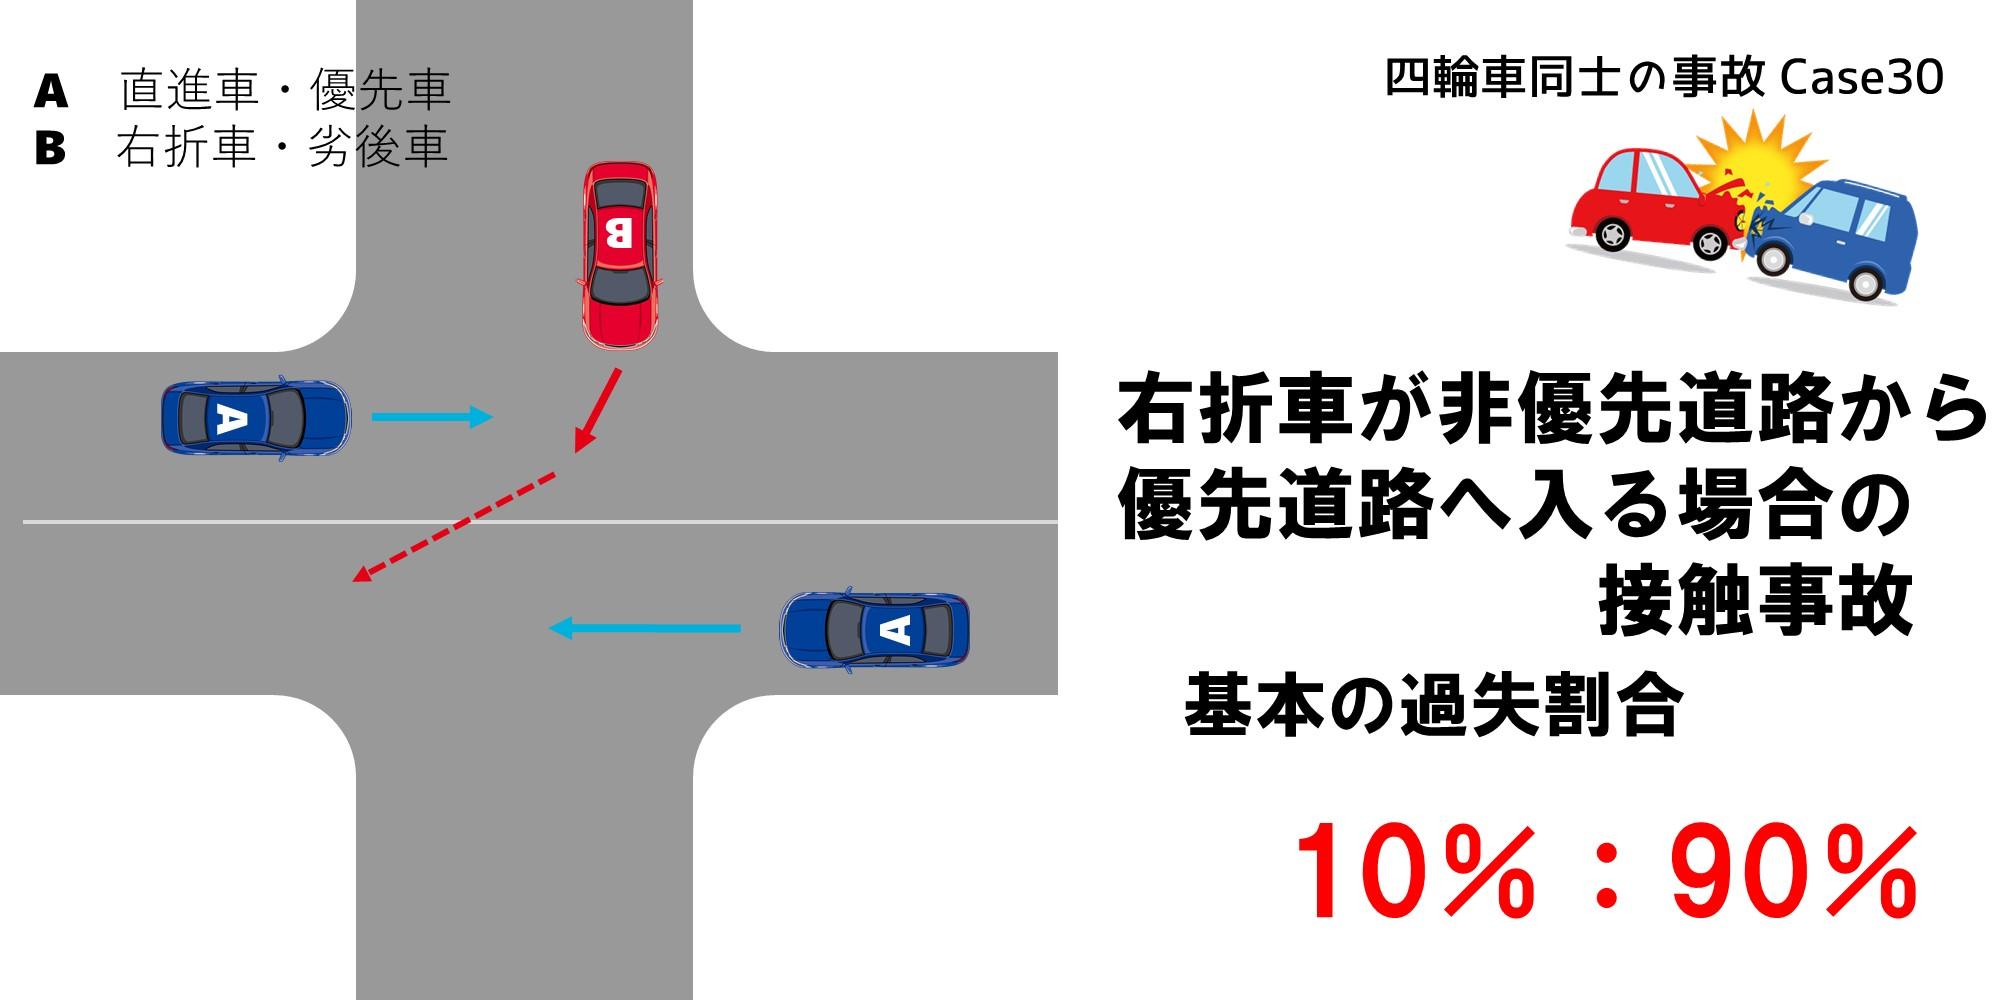 右折車が非優先道路から優先道路へ入る場合の接触事故における過失割合